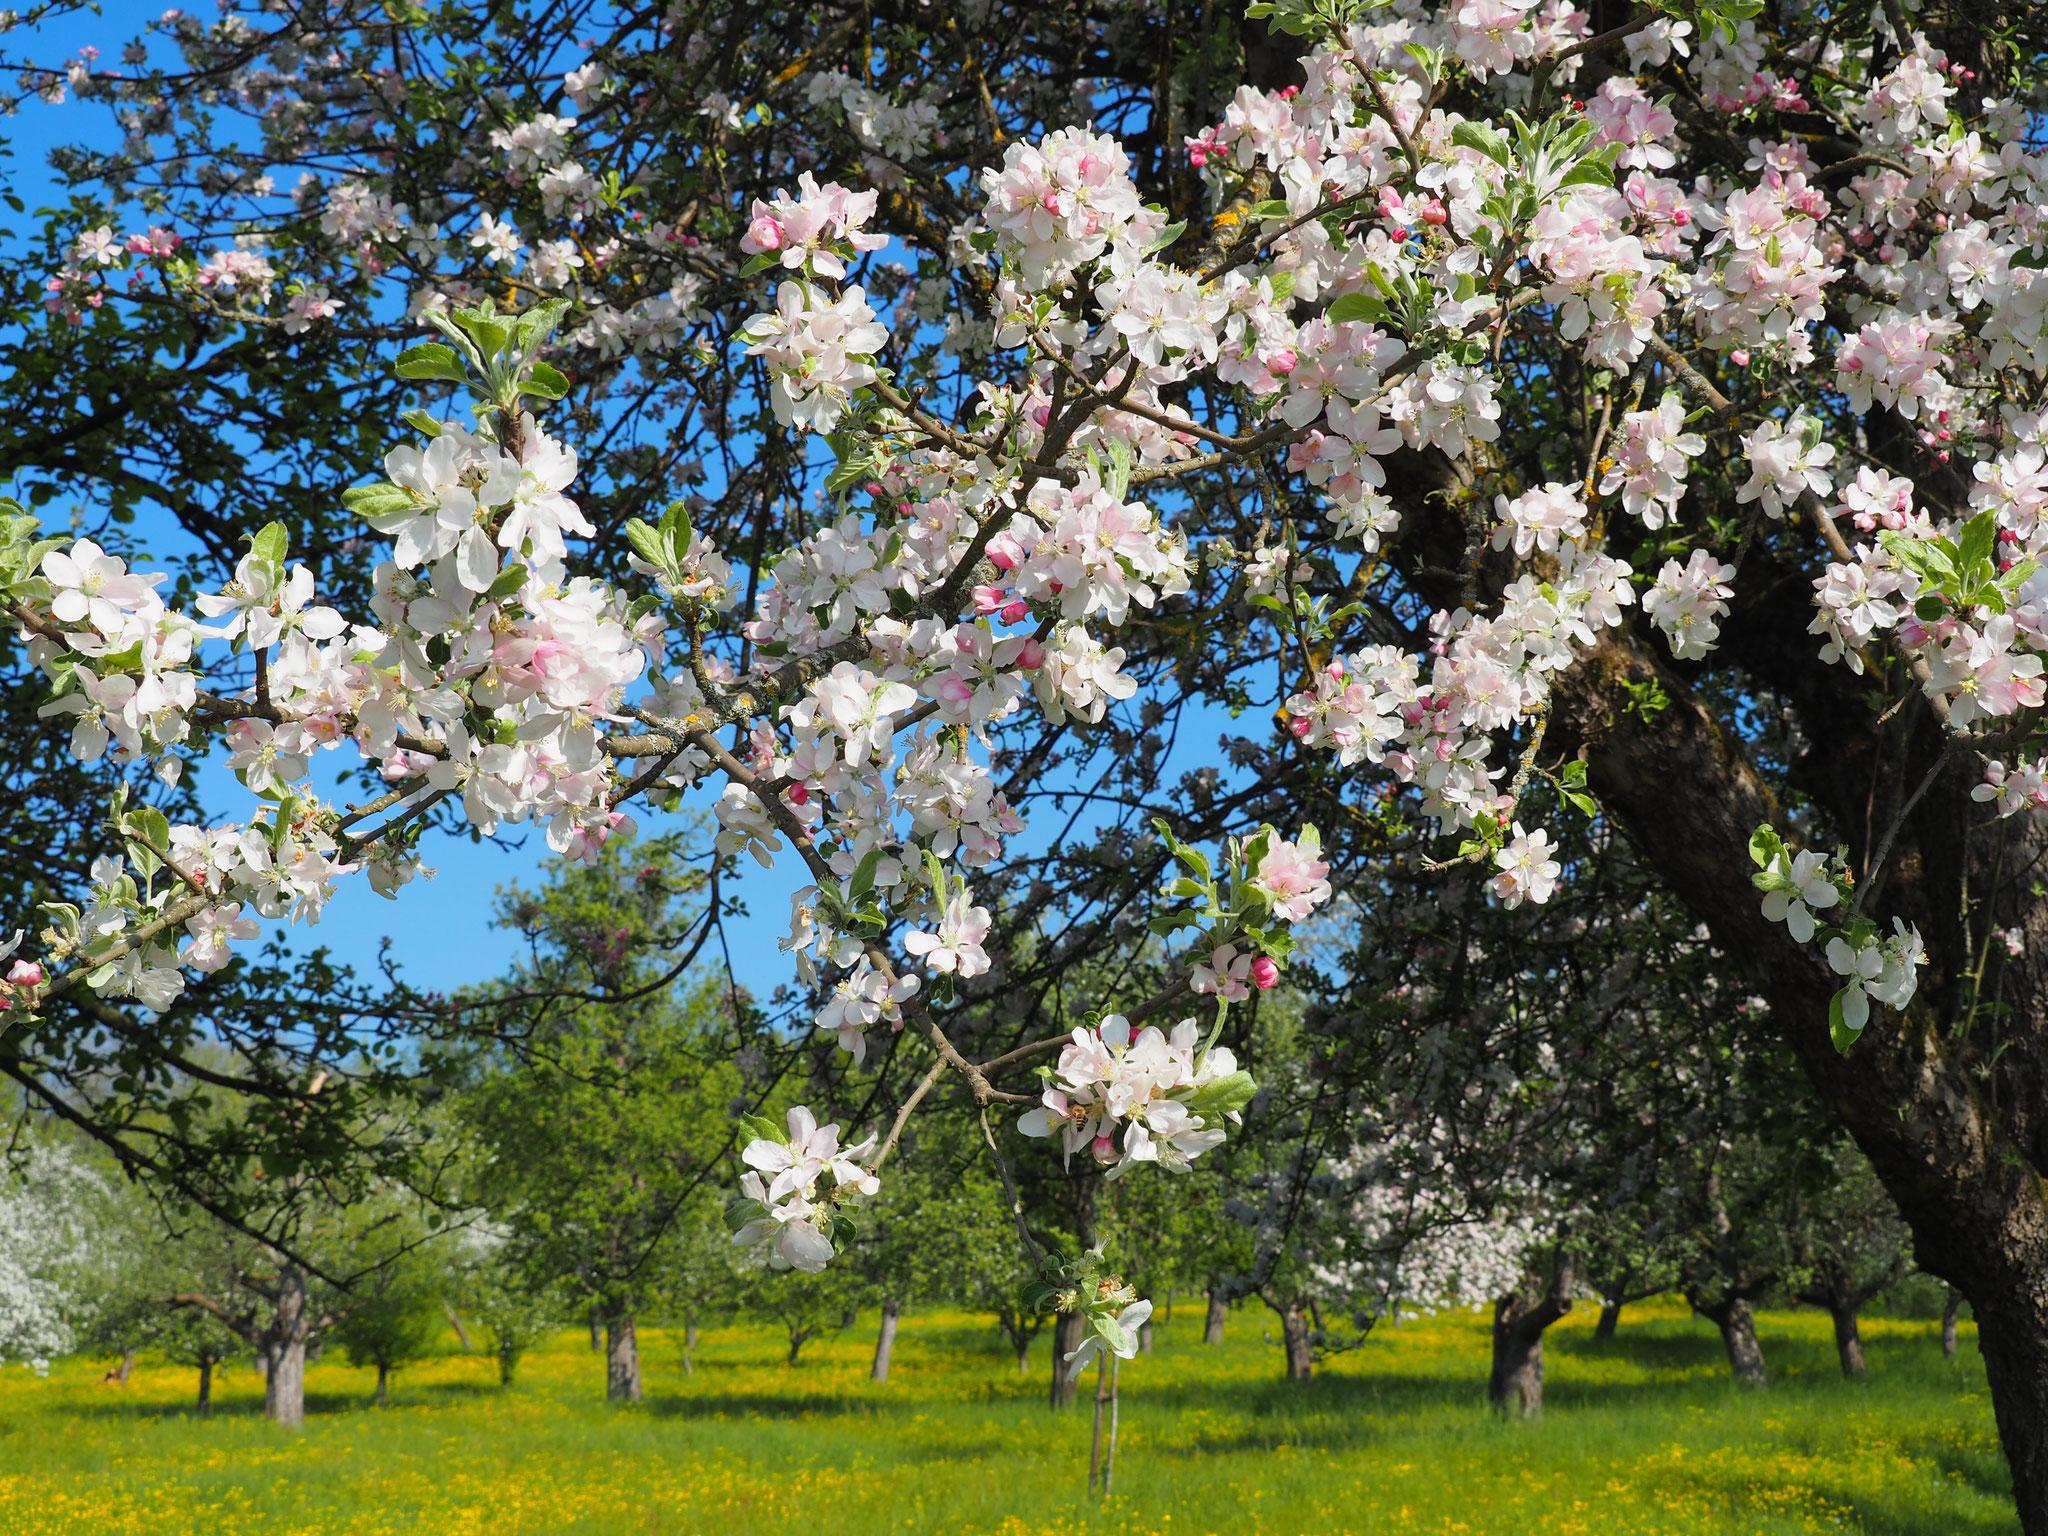 Am 25. April wäre unser Blütenrundgang gewesen.